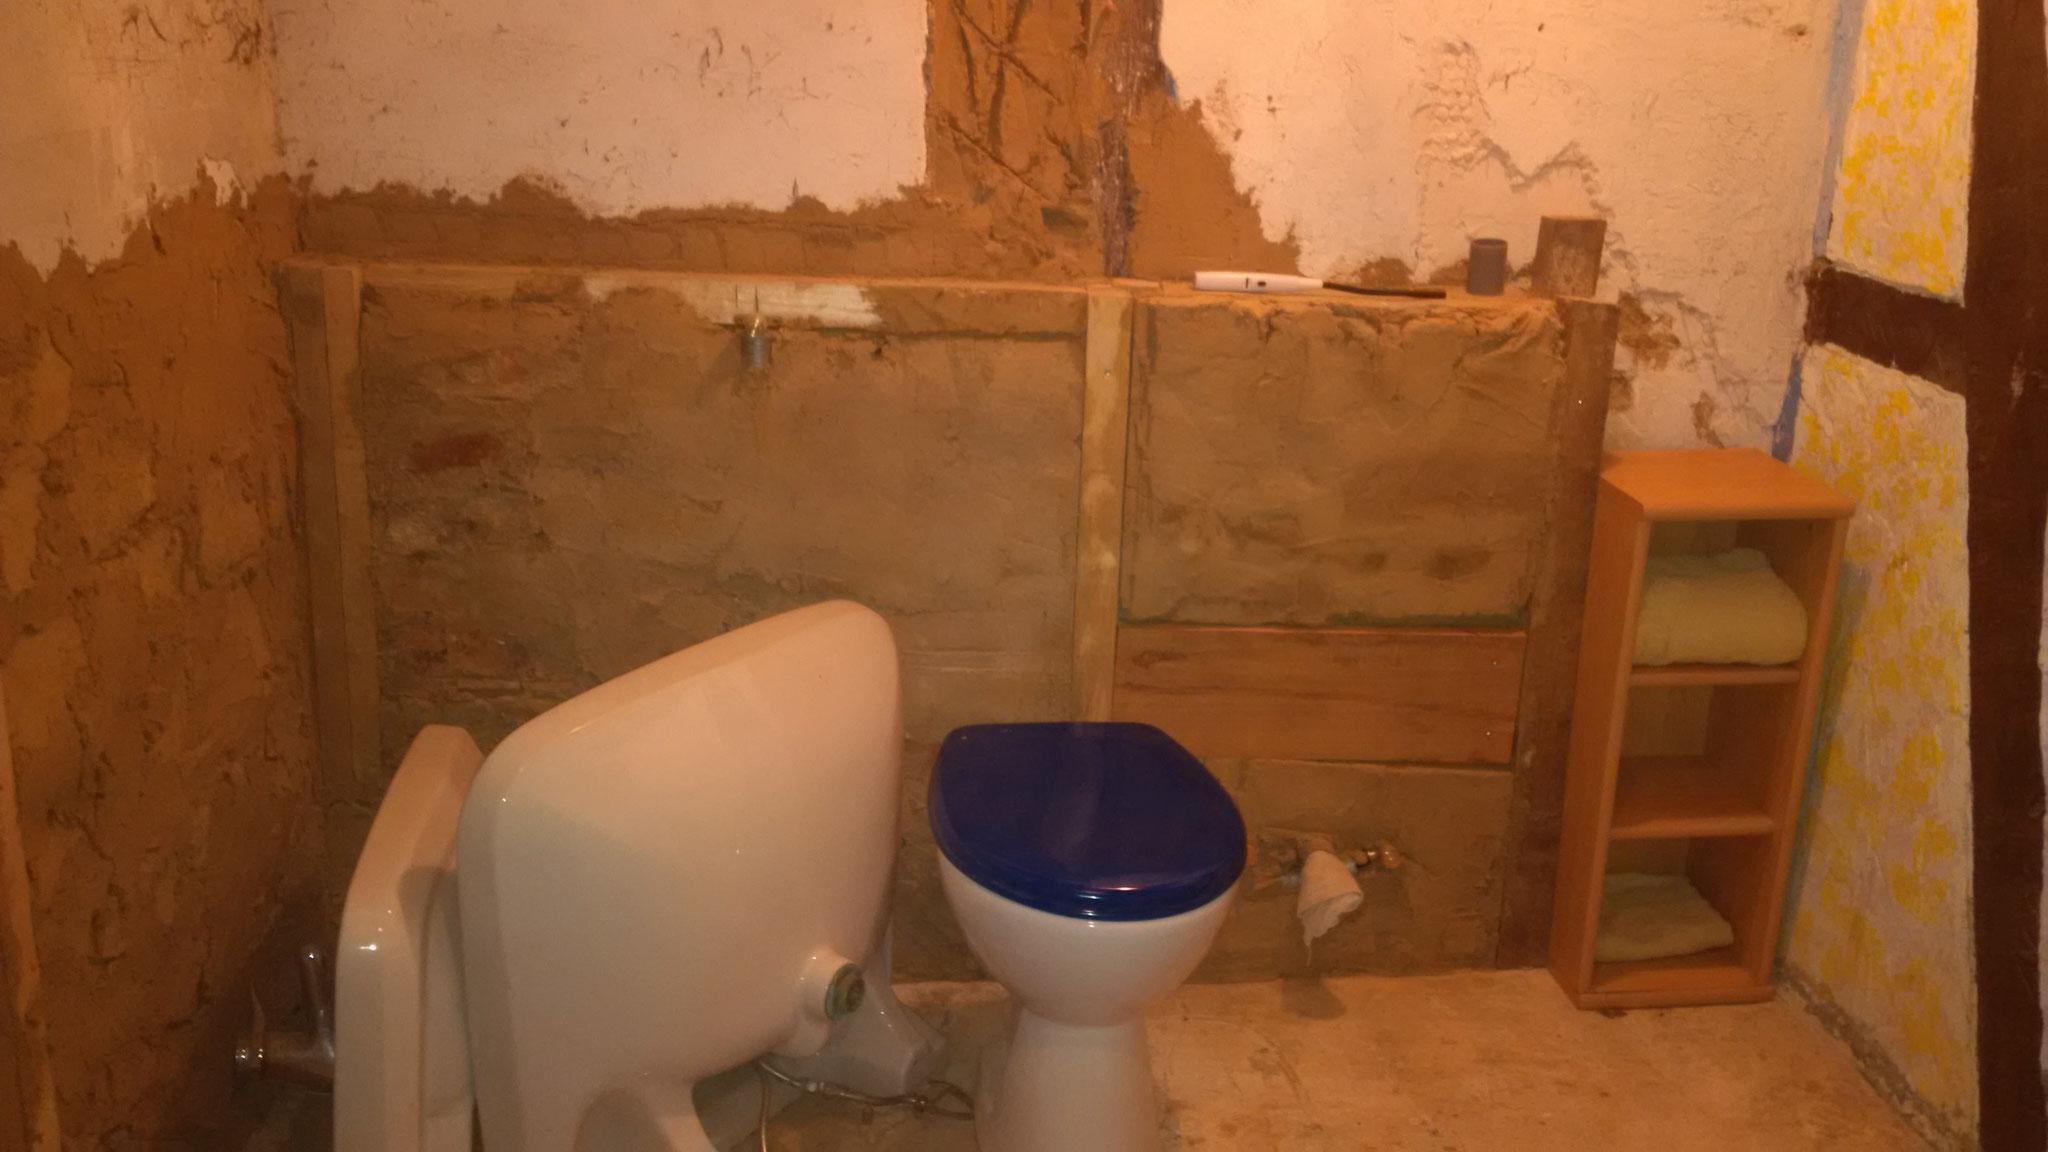 ...die wir gerbaucht geschenkt bekommen haben. Die Toilette steht auch schon da. Fehlt noch ein gebrauchtes Bidet...